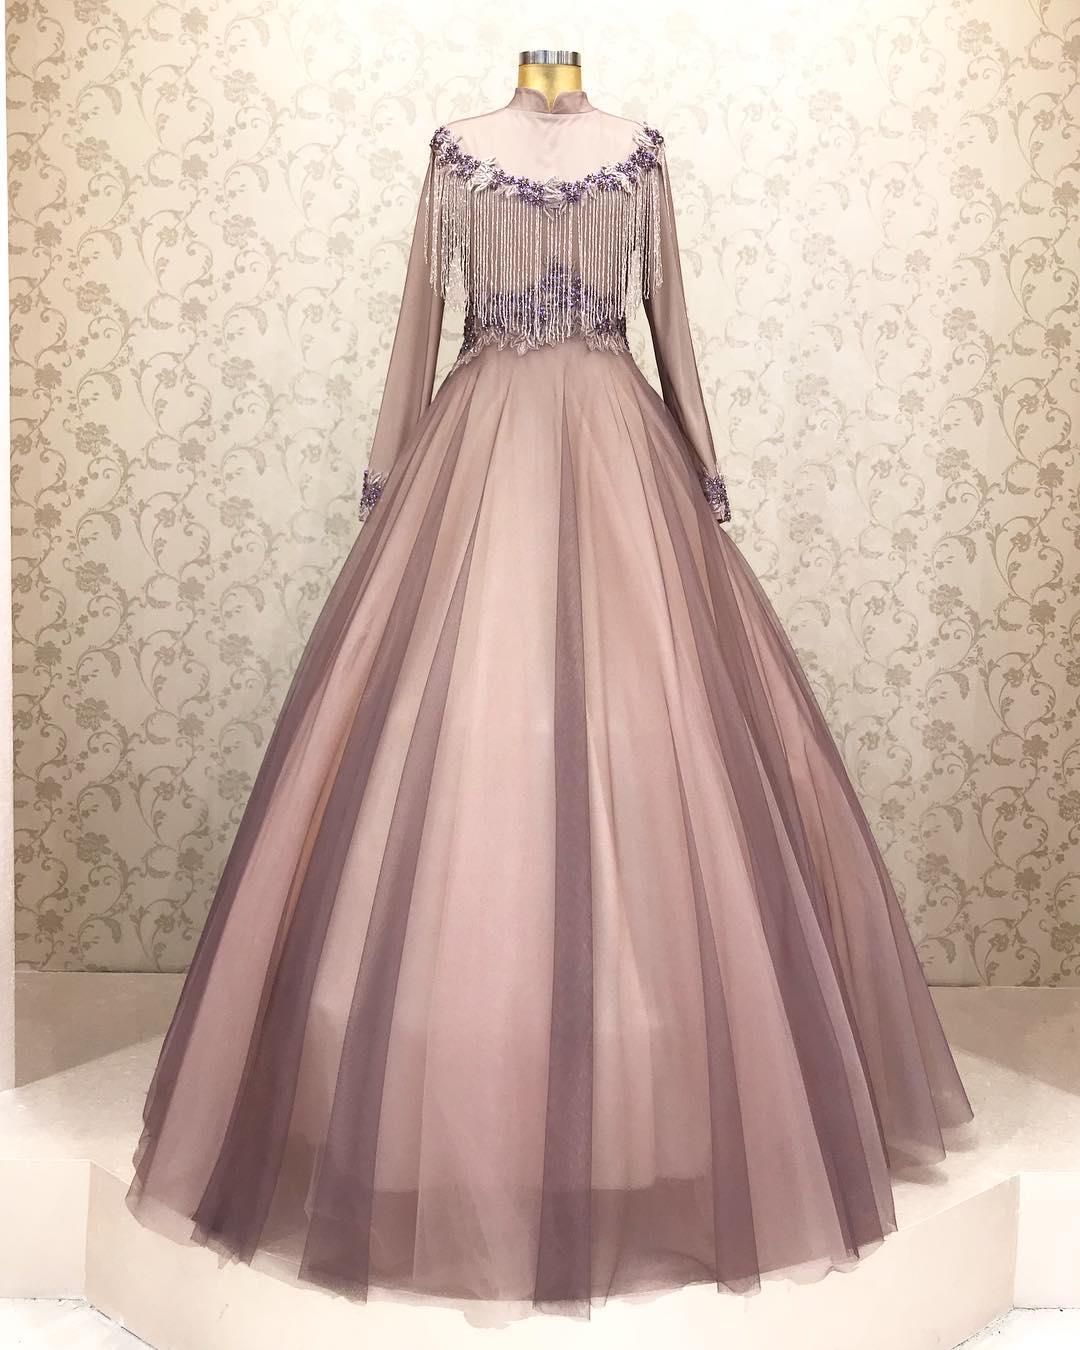 2018 Tesettür Abiye Elbise Modelleri 3 - Tesettür Abiye Elbise Mağazaları